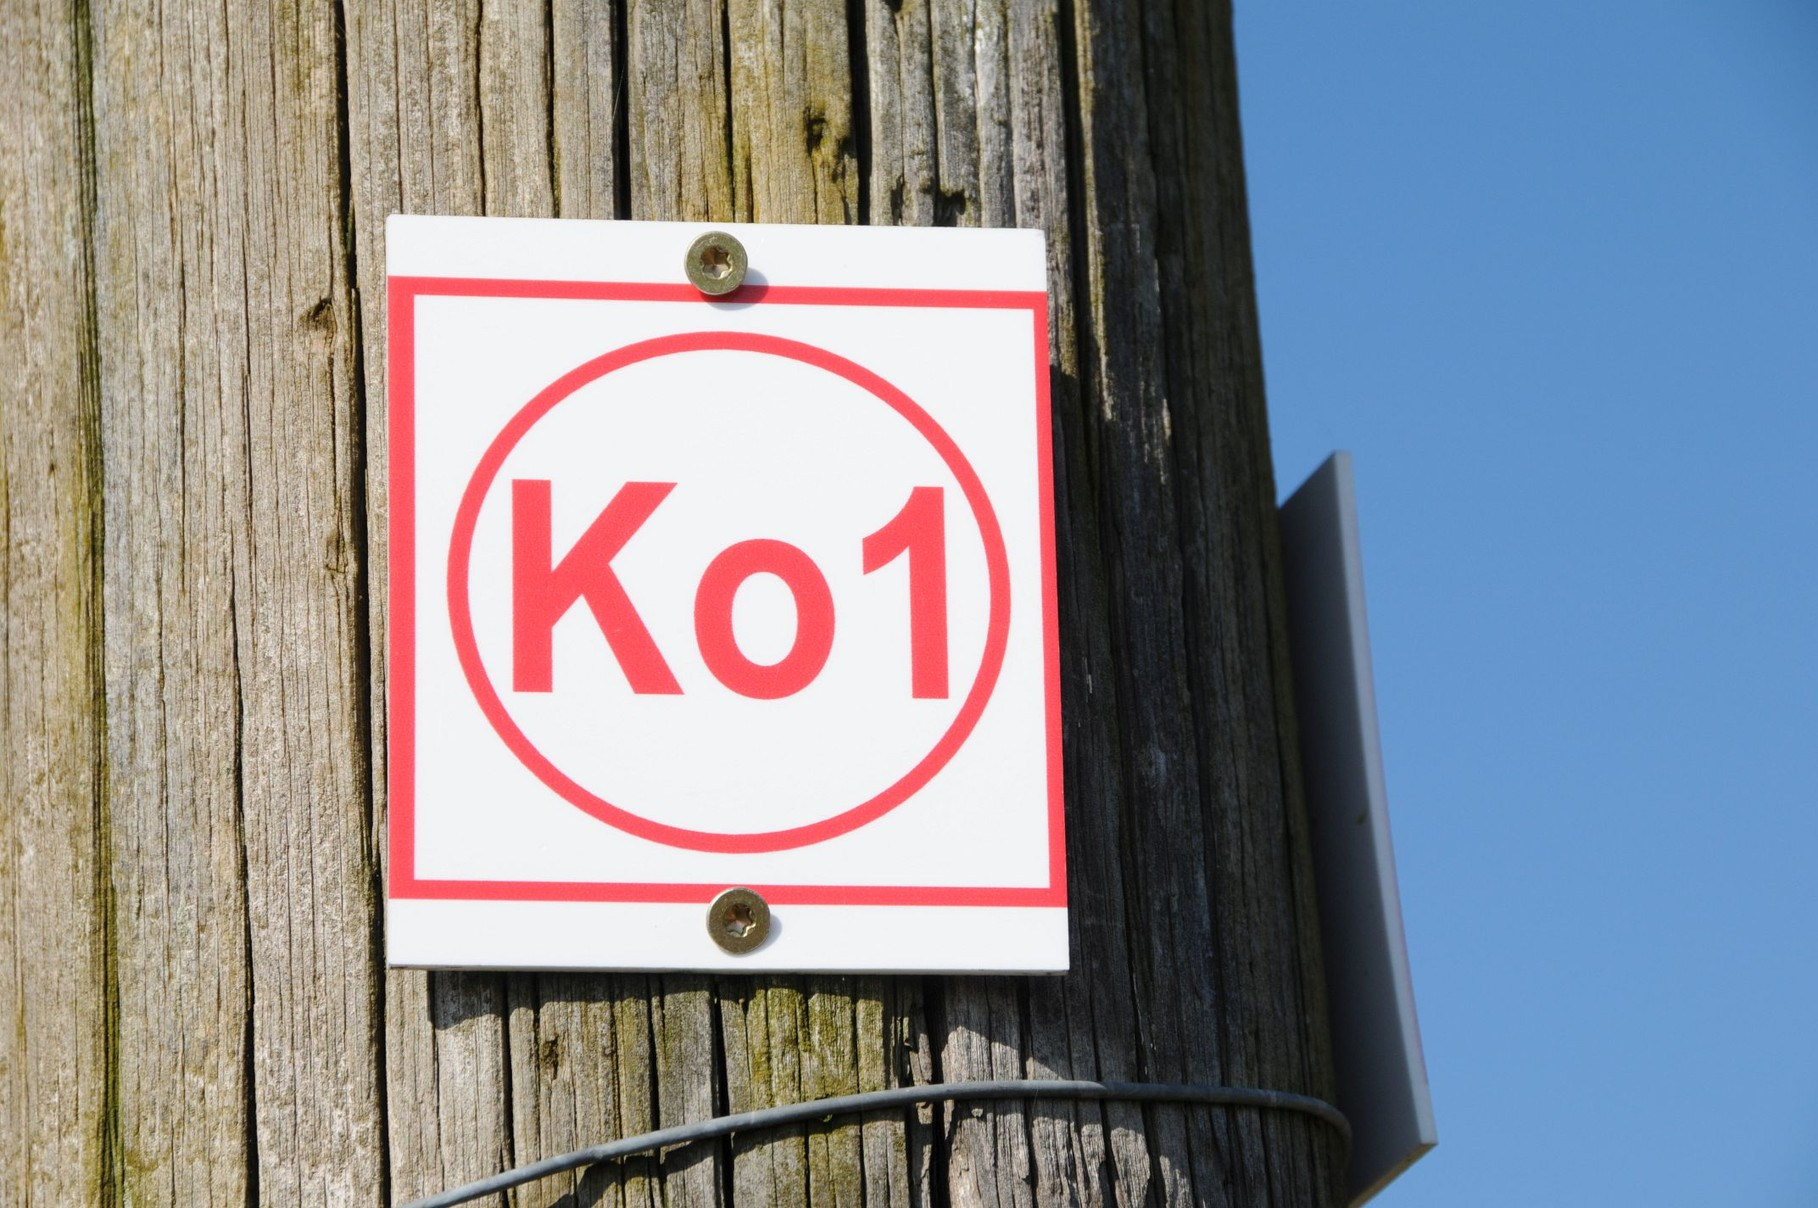 Der gekennzeichnete Korlinger Wanderweg KO1